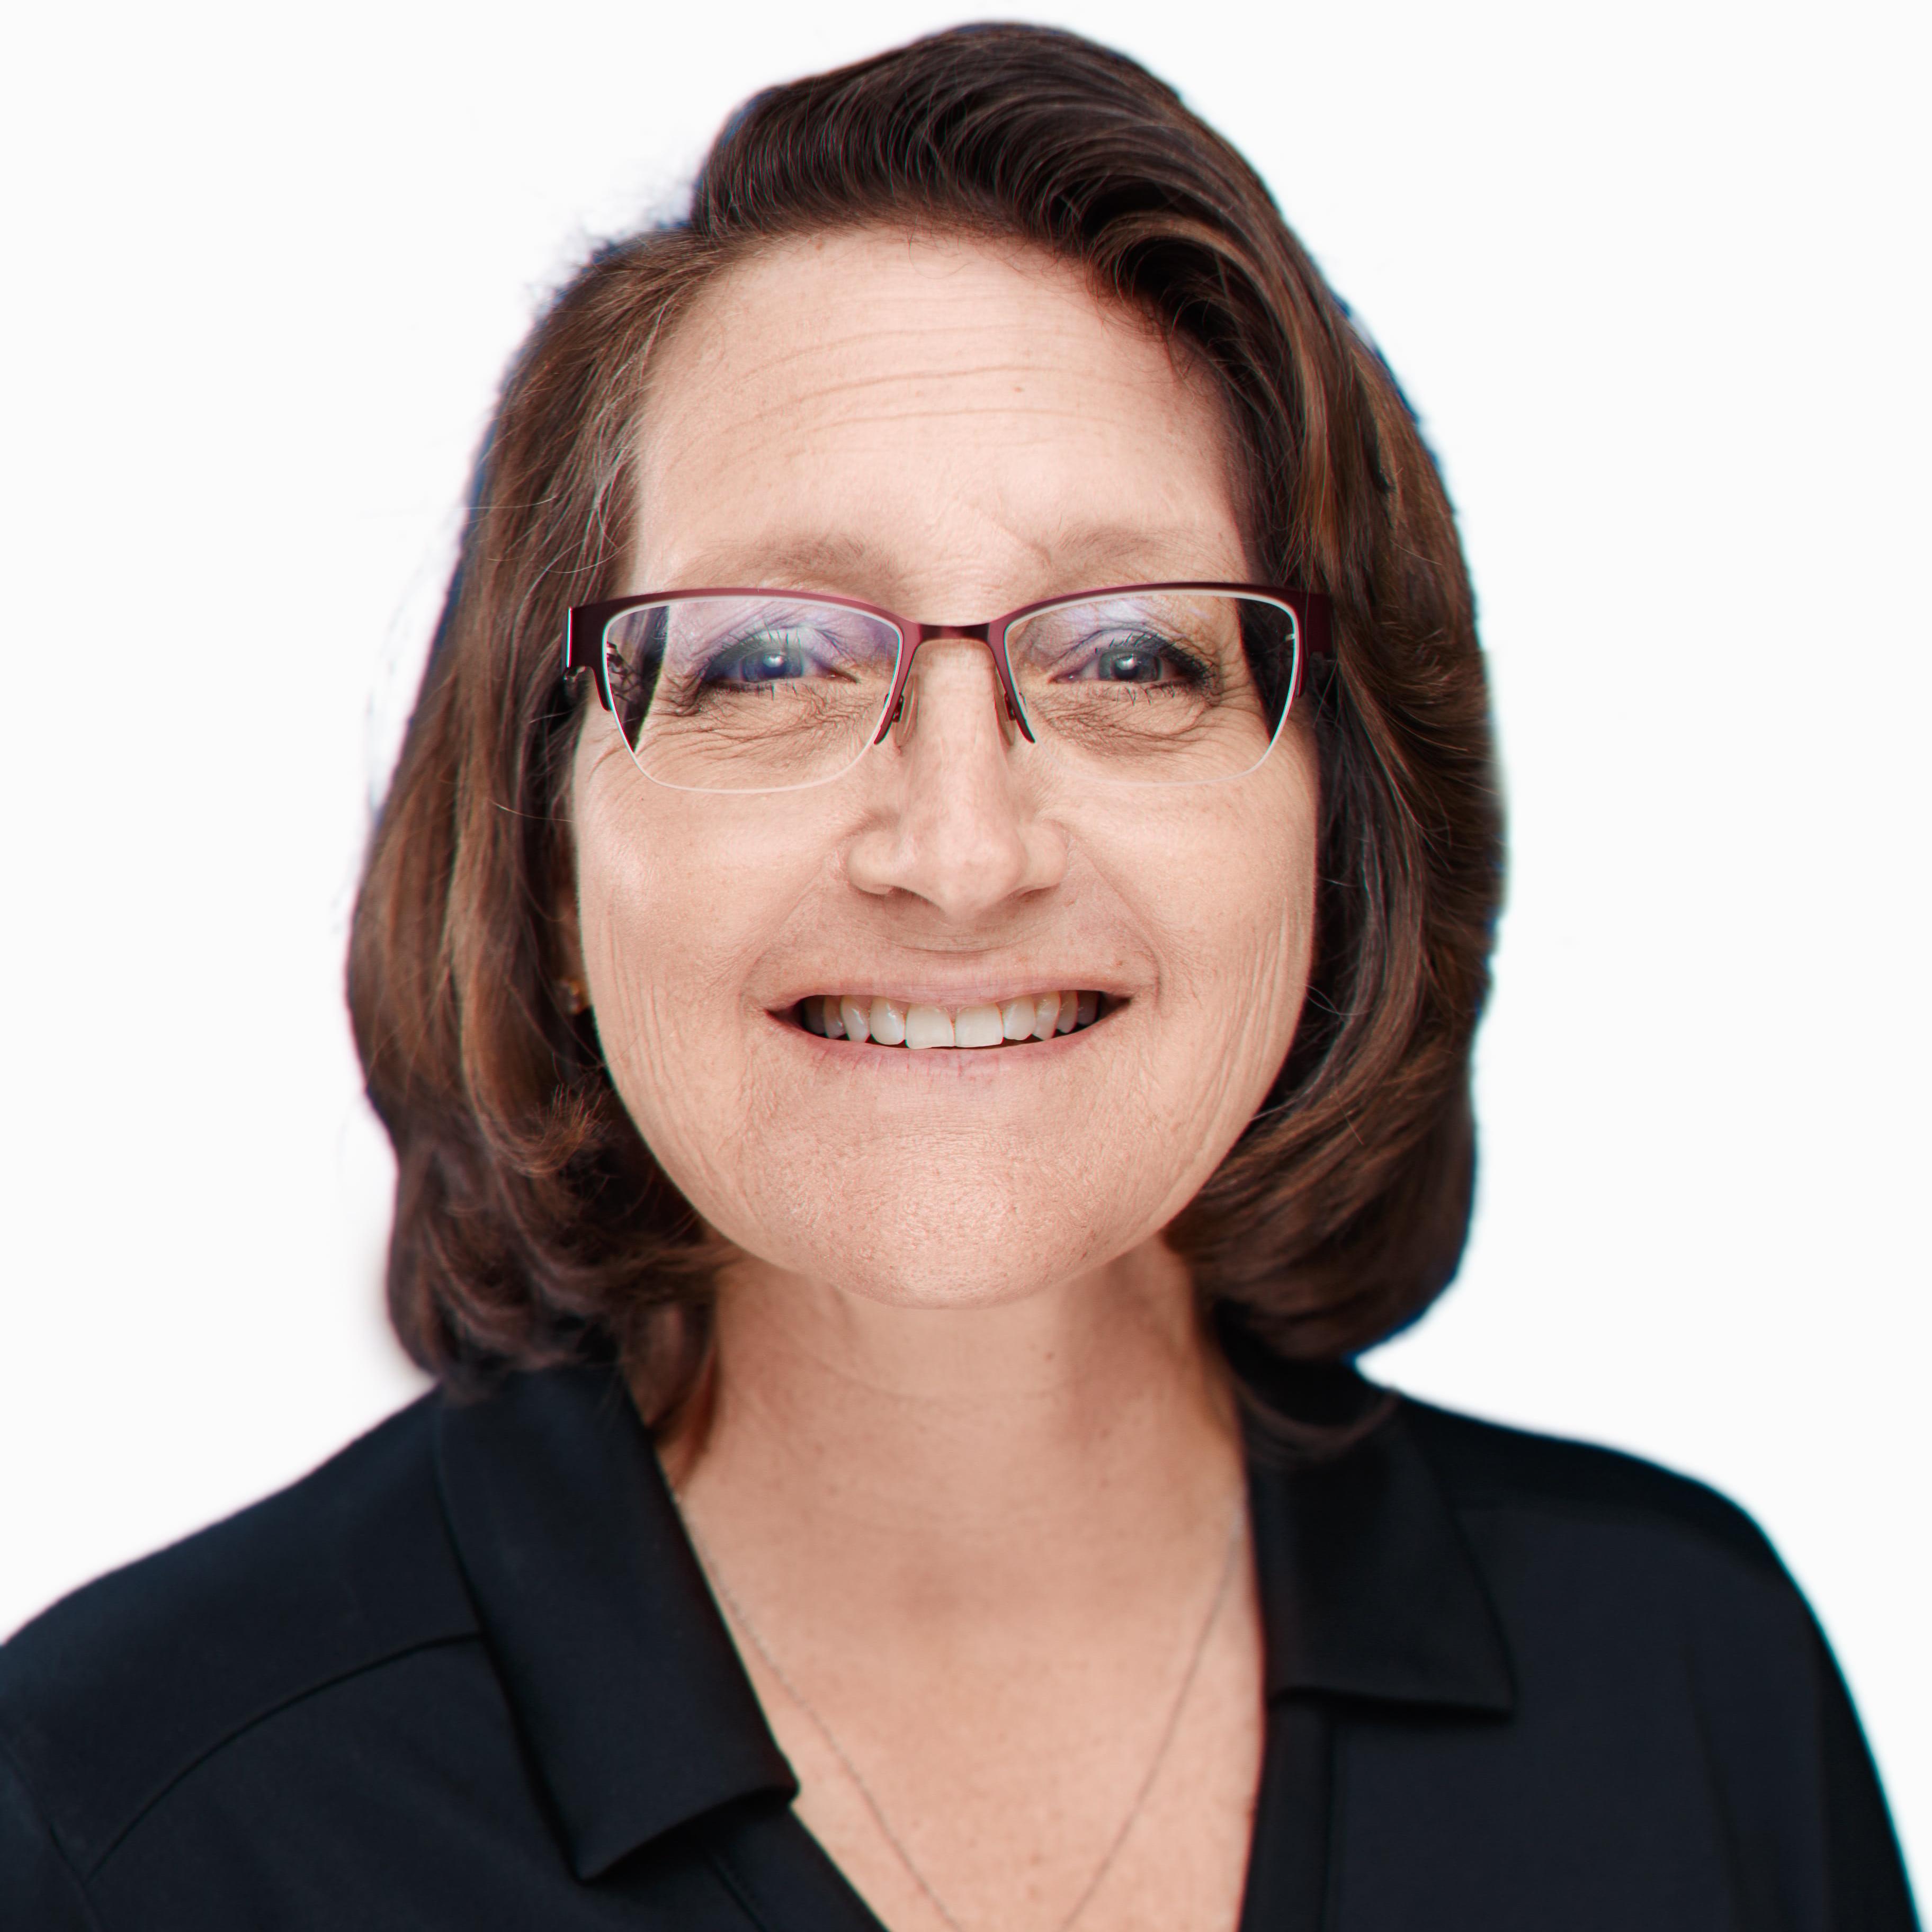 Cheri Koch